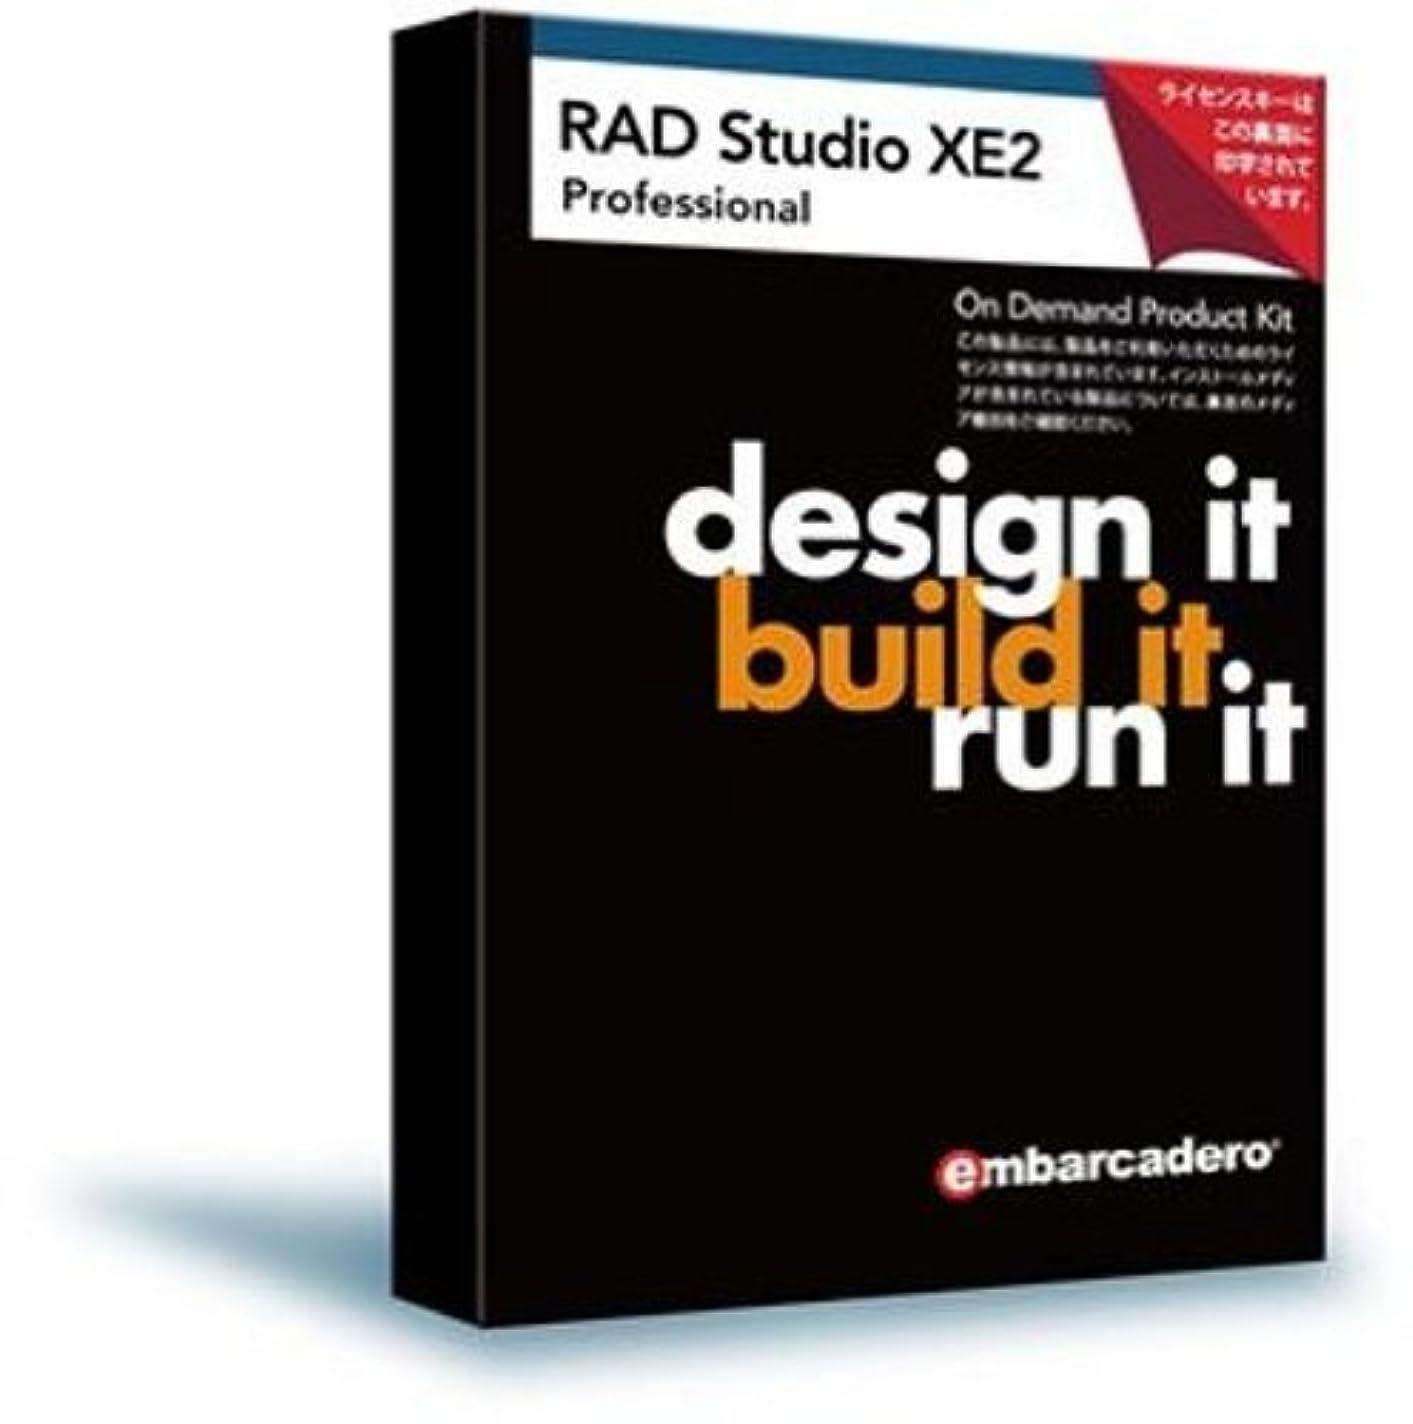 ラフレシアアルノルディ闇ボスRAD Studio XE2 Professional アカデミック(ライセンス+メディア)